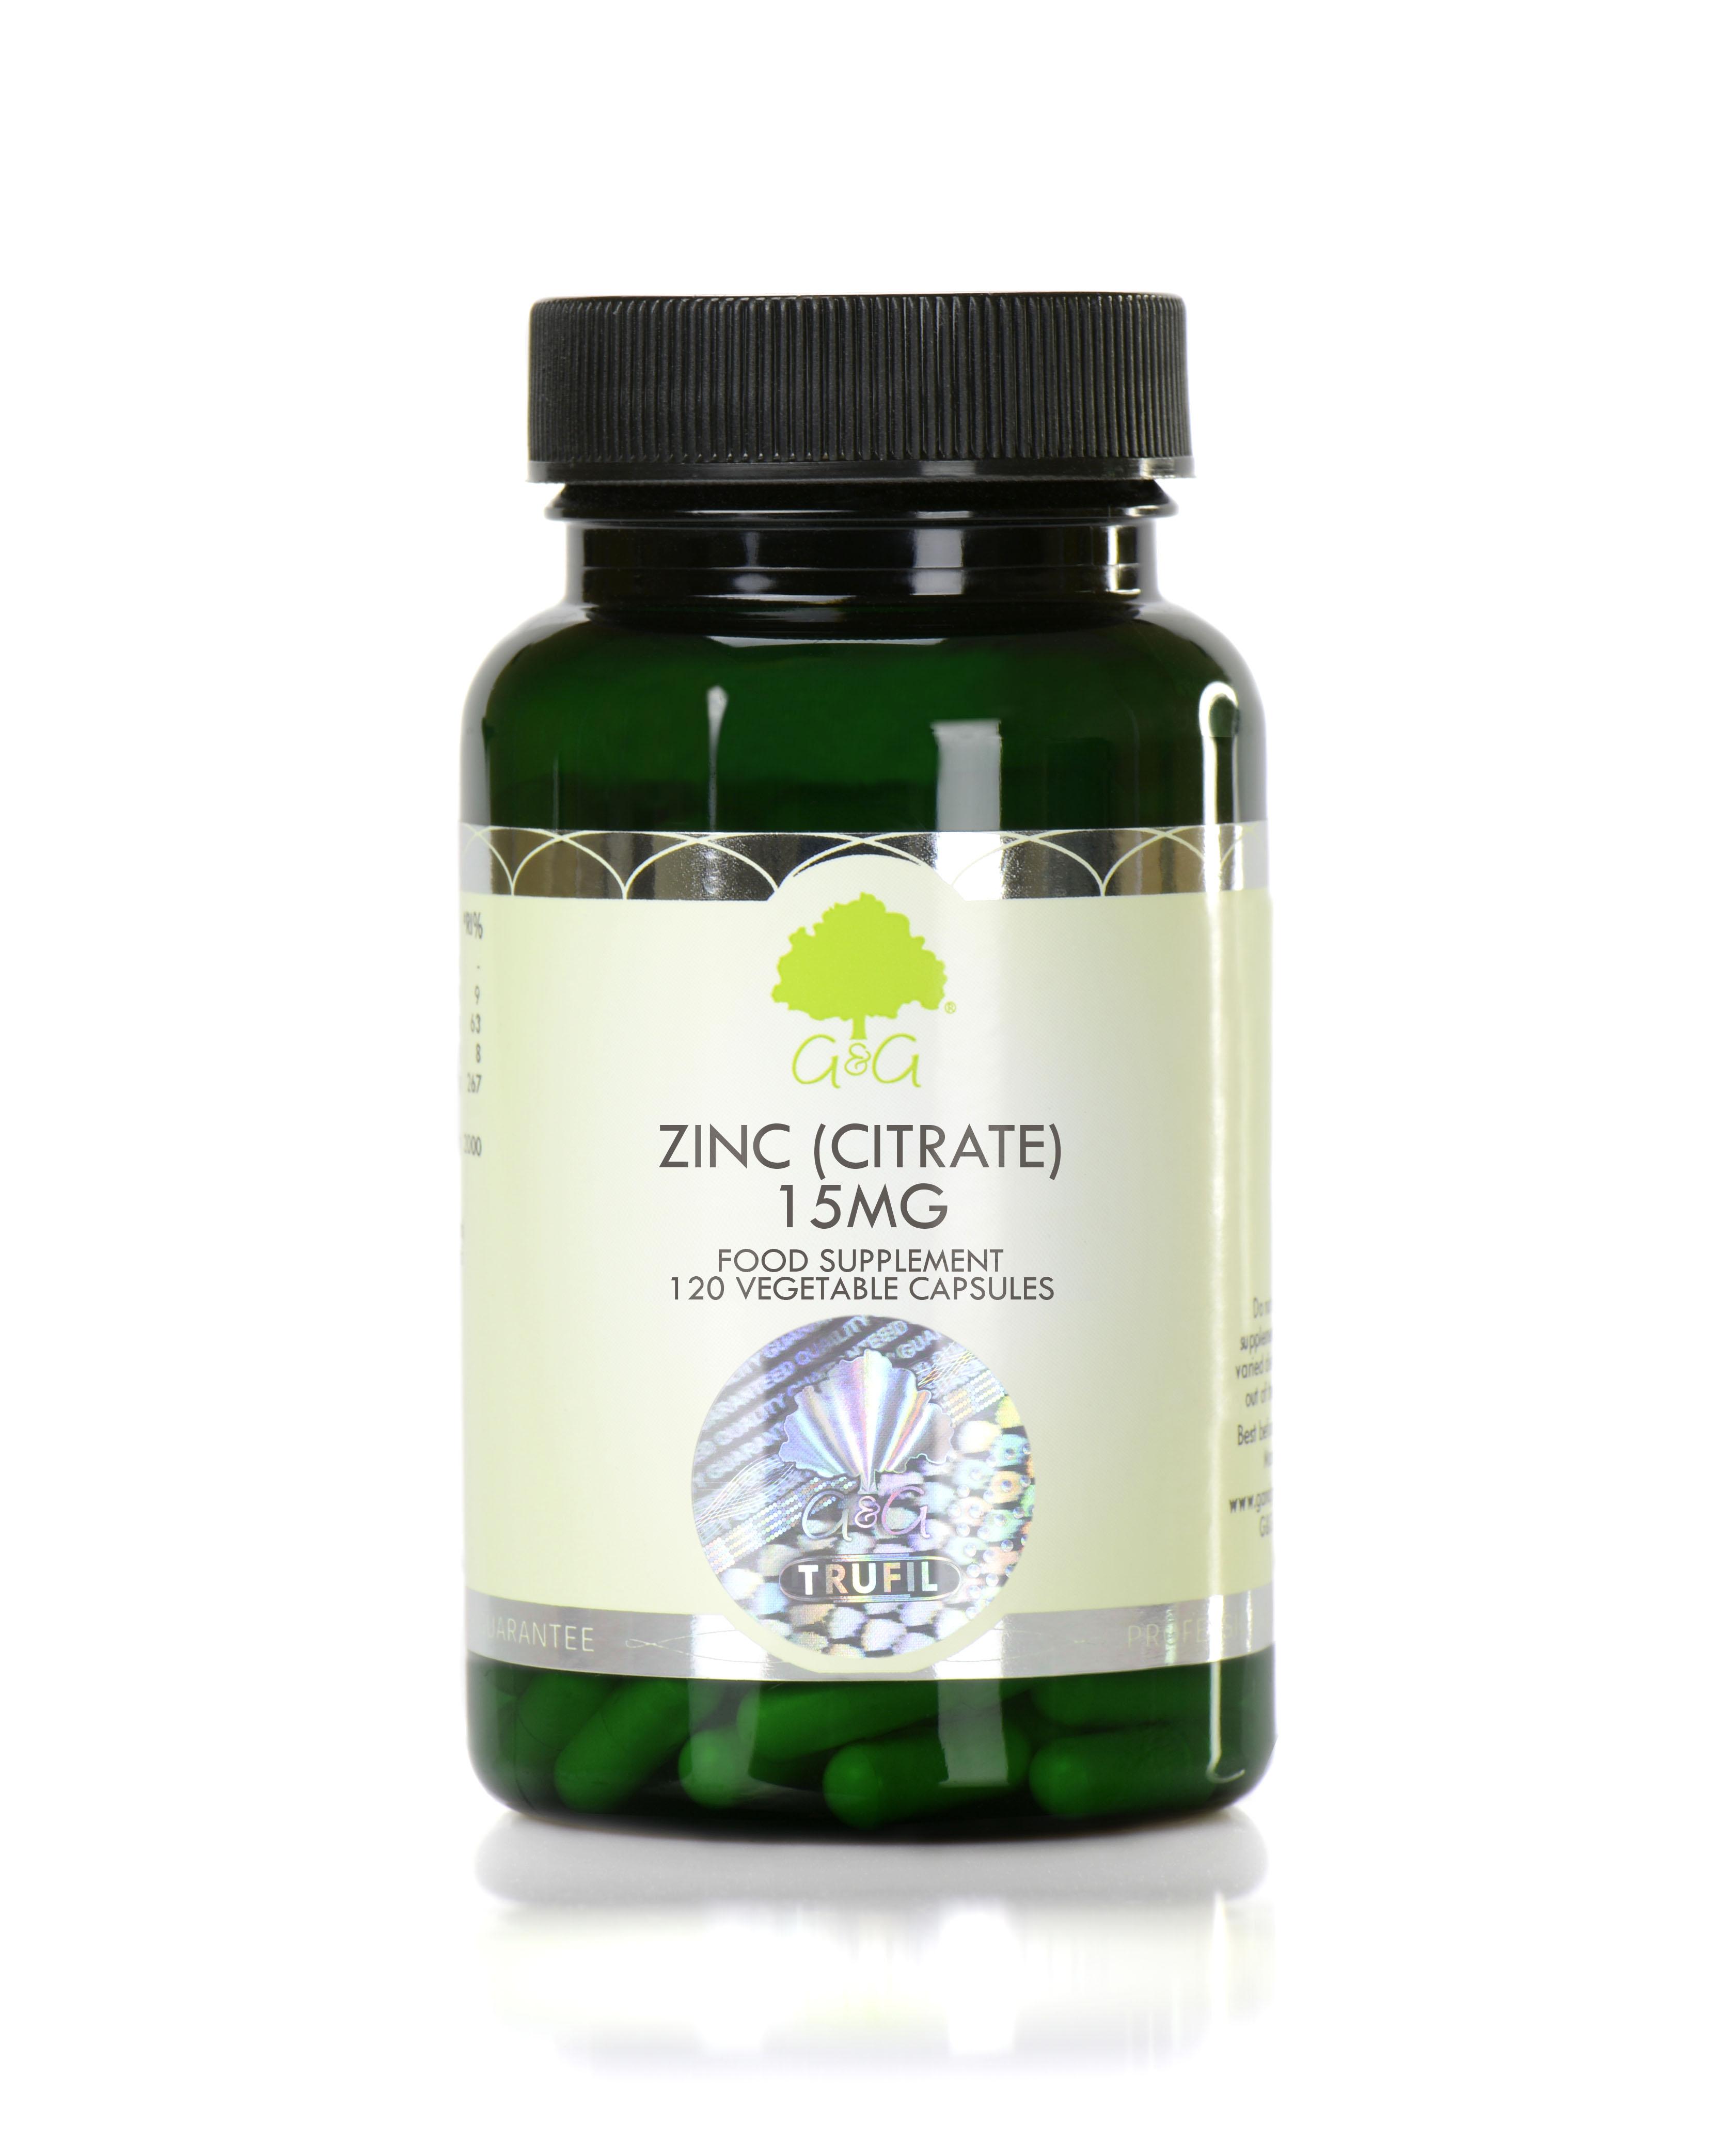 Zinc (Citrate) 15mg 120's